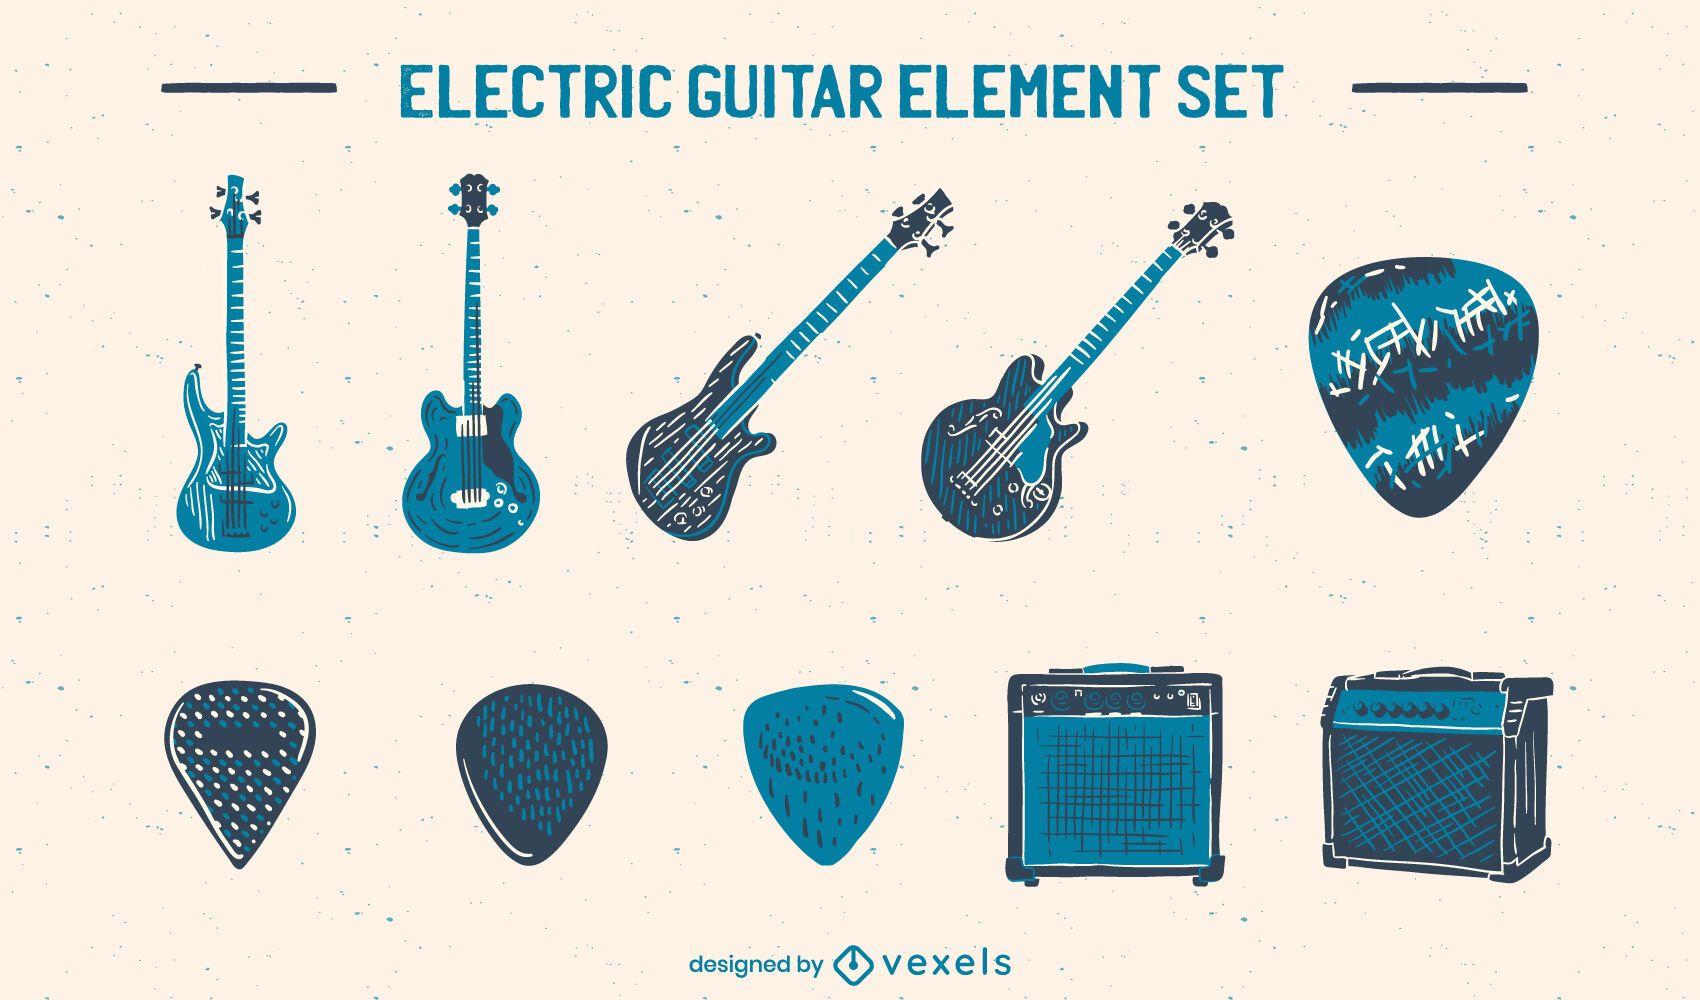 Conjunto de instrumento musical de guitarra elétrica